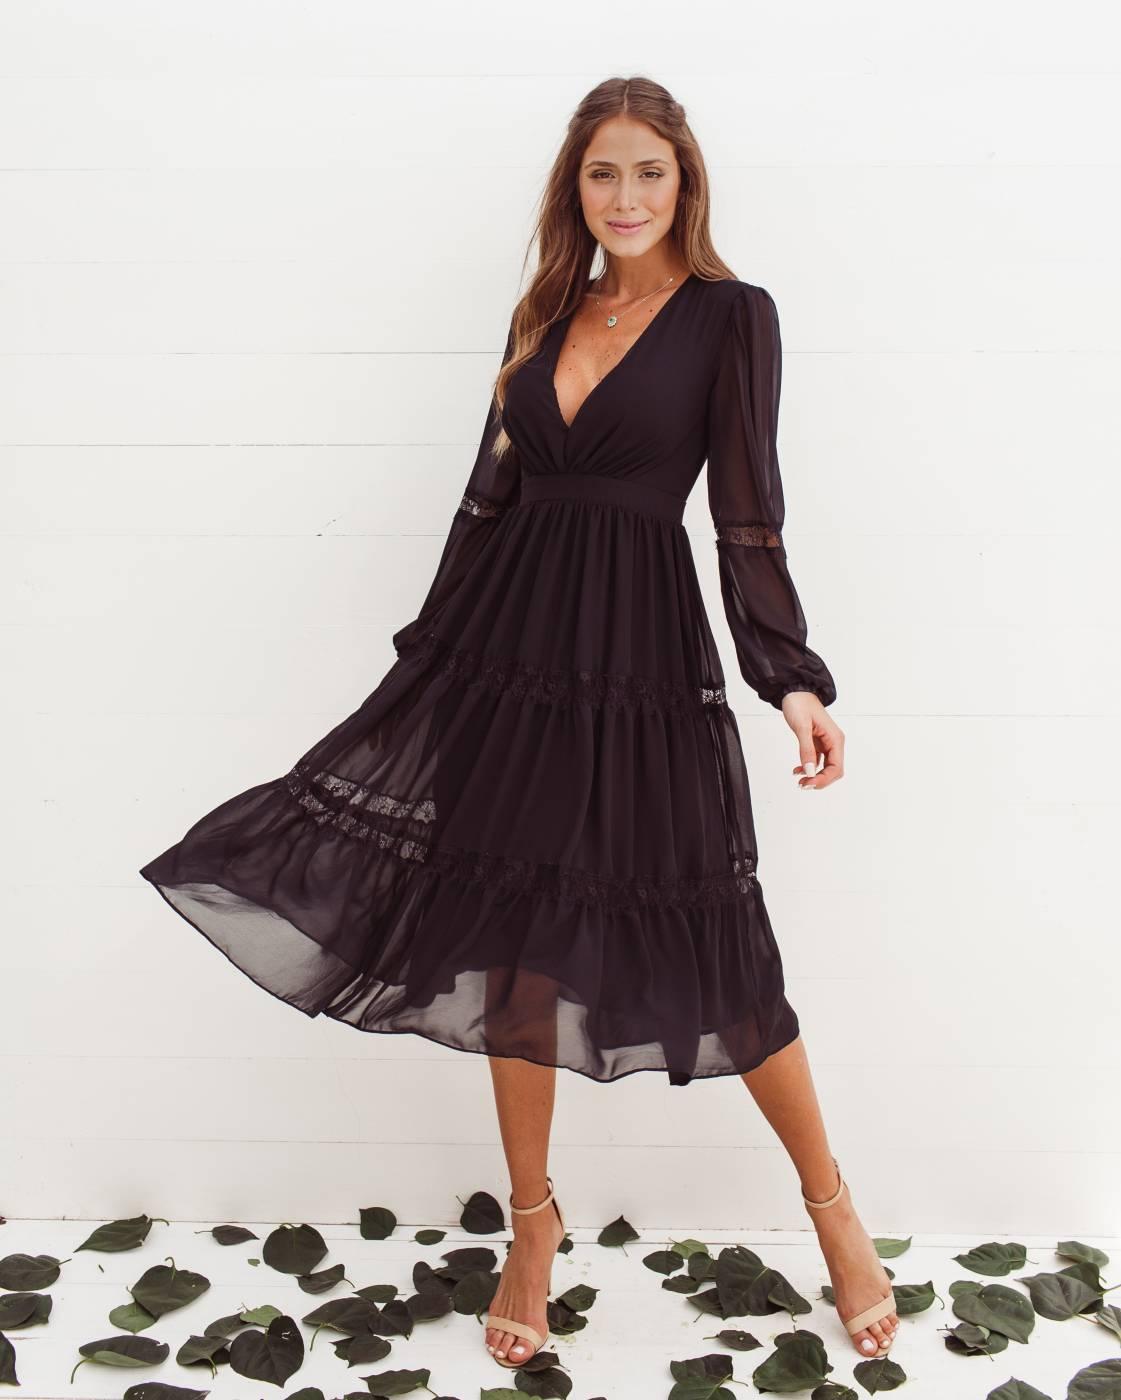 Vestido Rafaela  - Empório NM